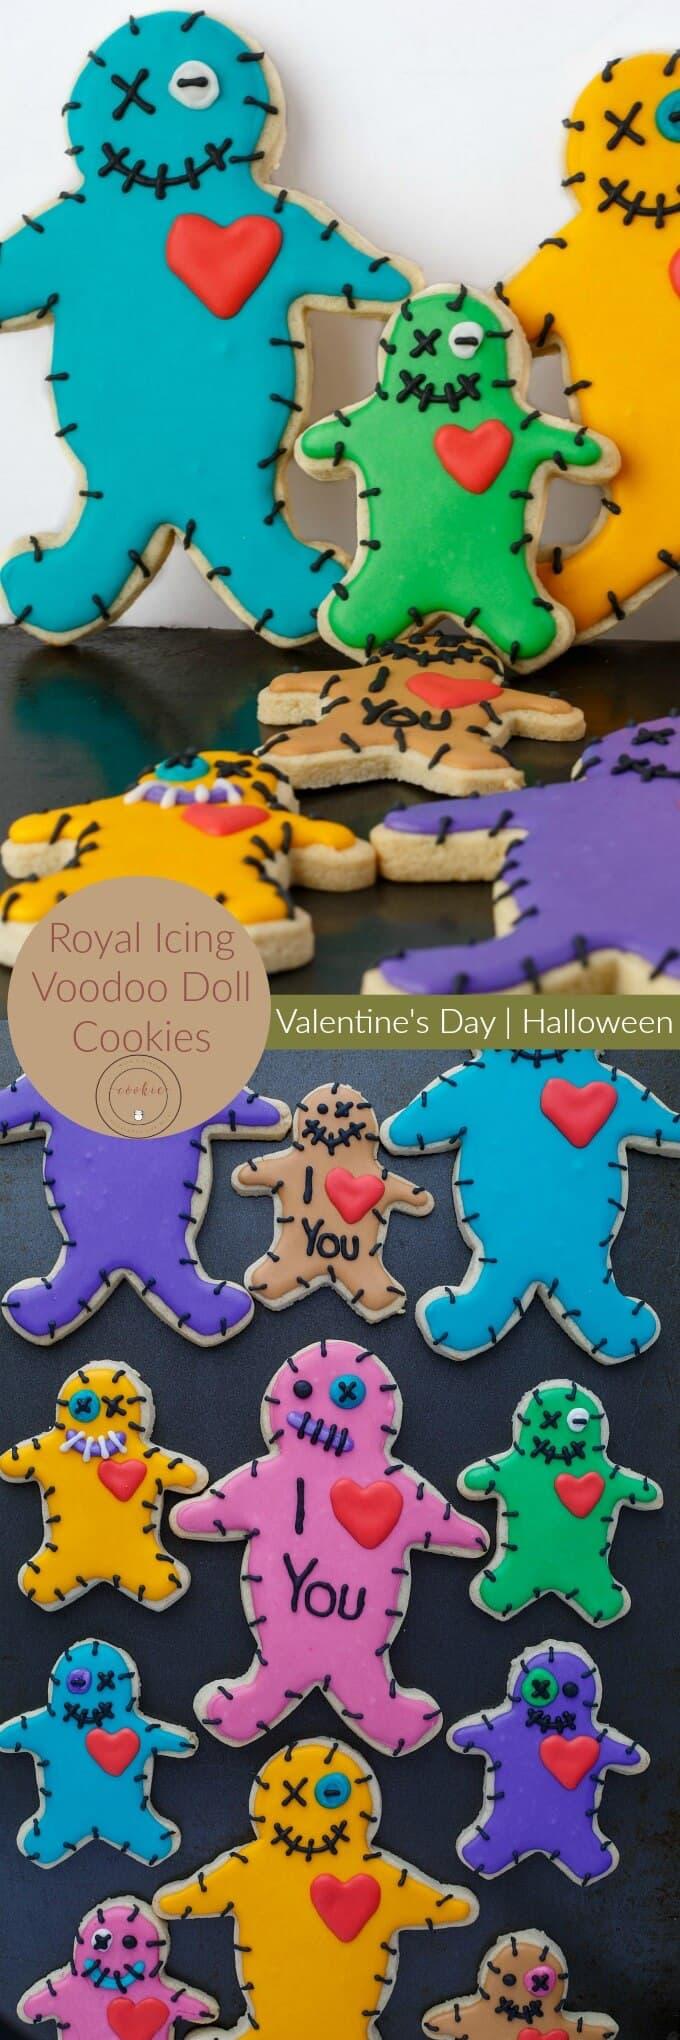 Royal Icing Voodoo Doll Cookies (Cookie Geek #5)